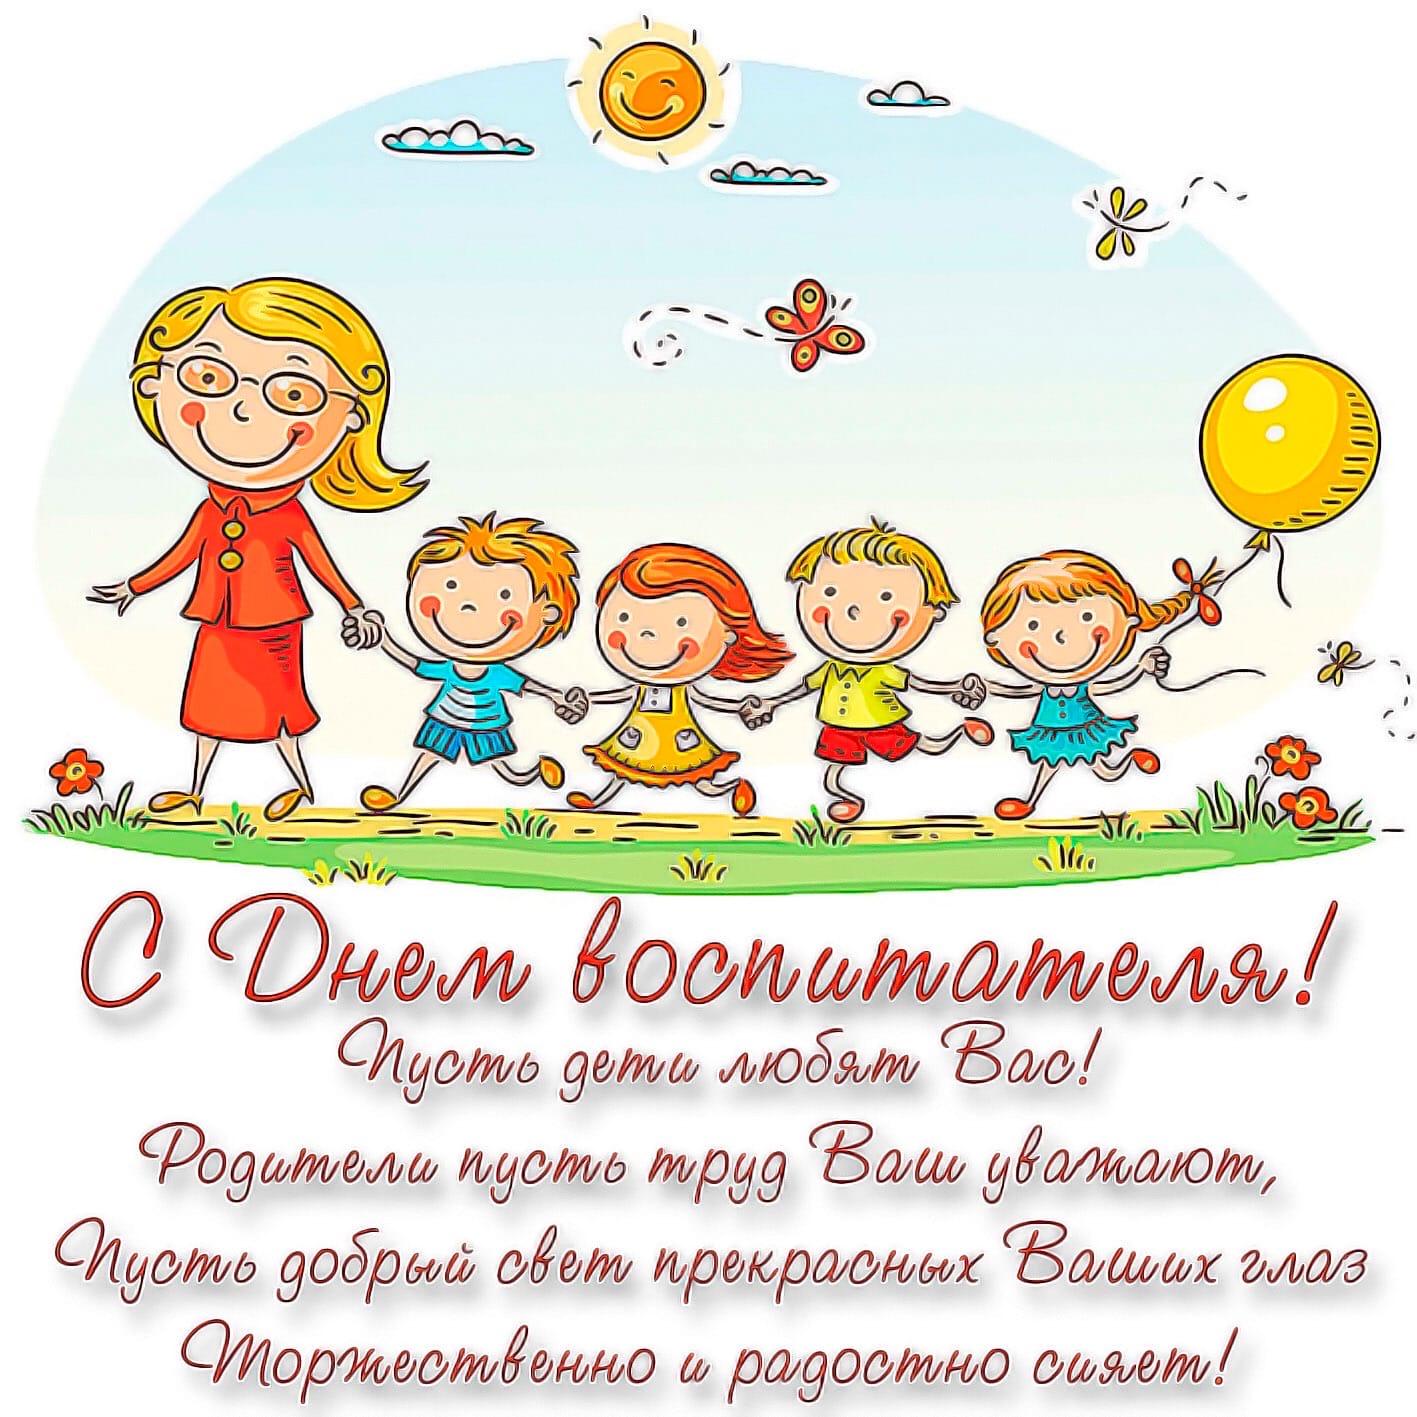 Мы поздравляем с праздником всех работников дошкольных